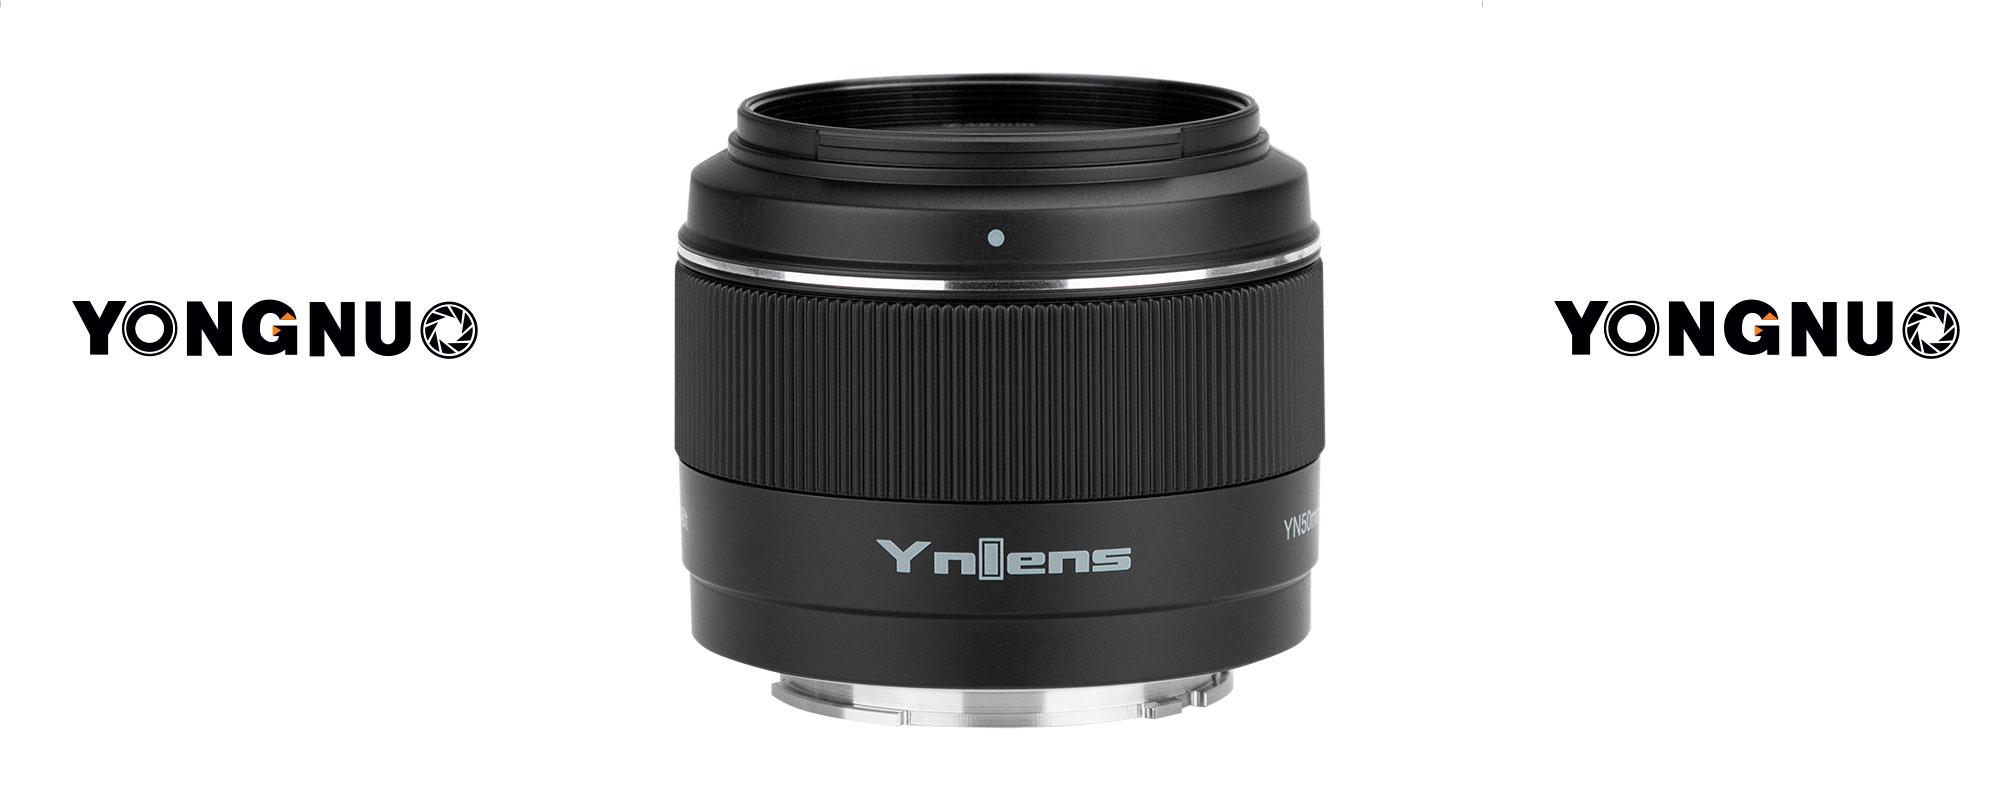 Obiektyw Yongnuo YN 50 mm f/1,8 do Sony E widok na logo YNlens i pierścień ostrości